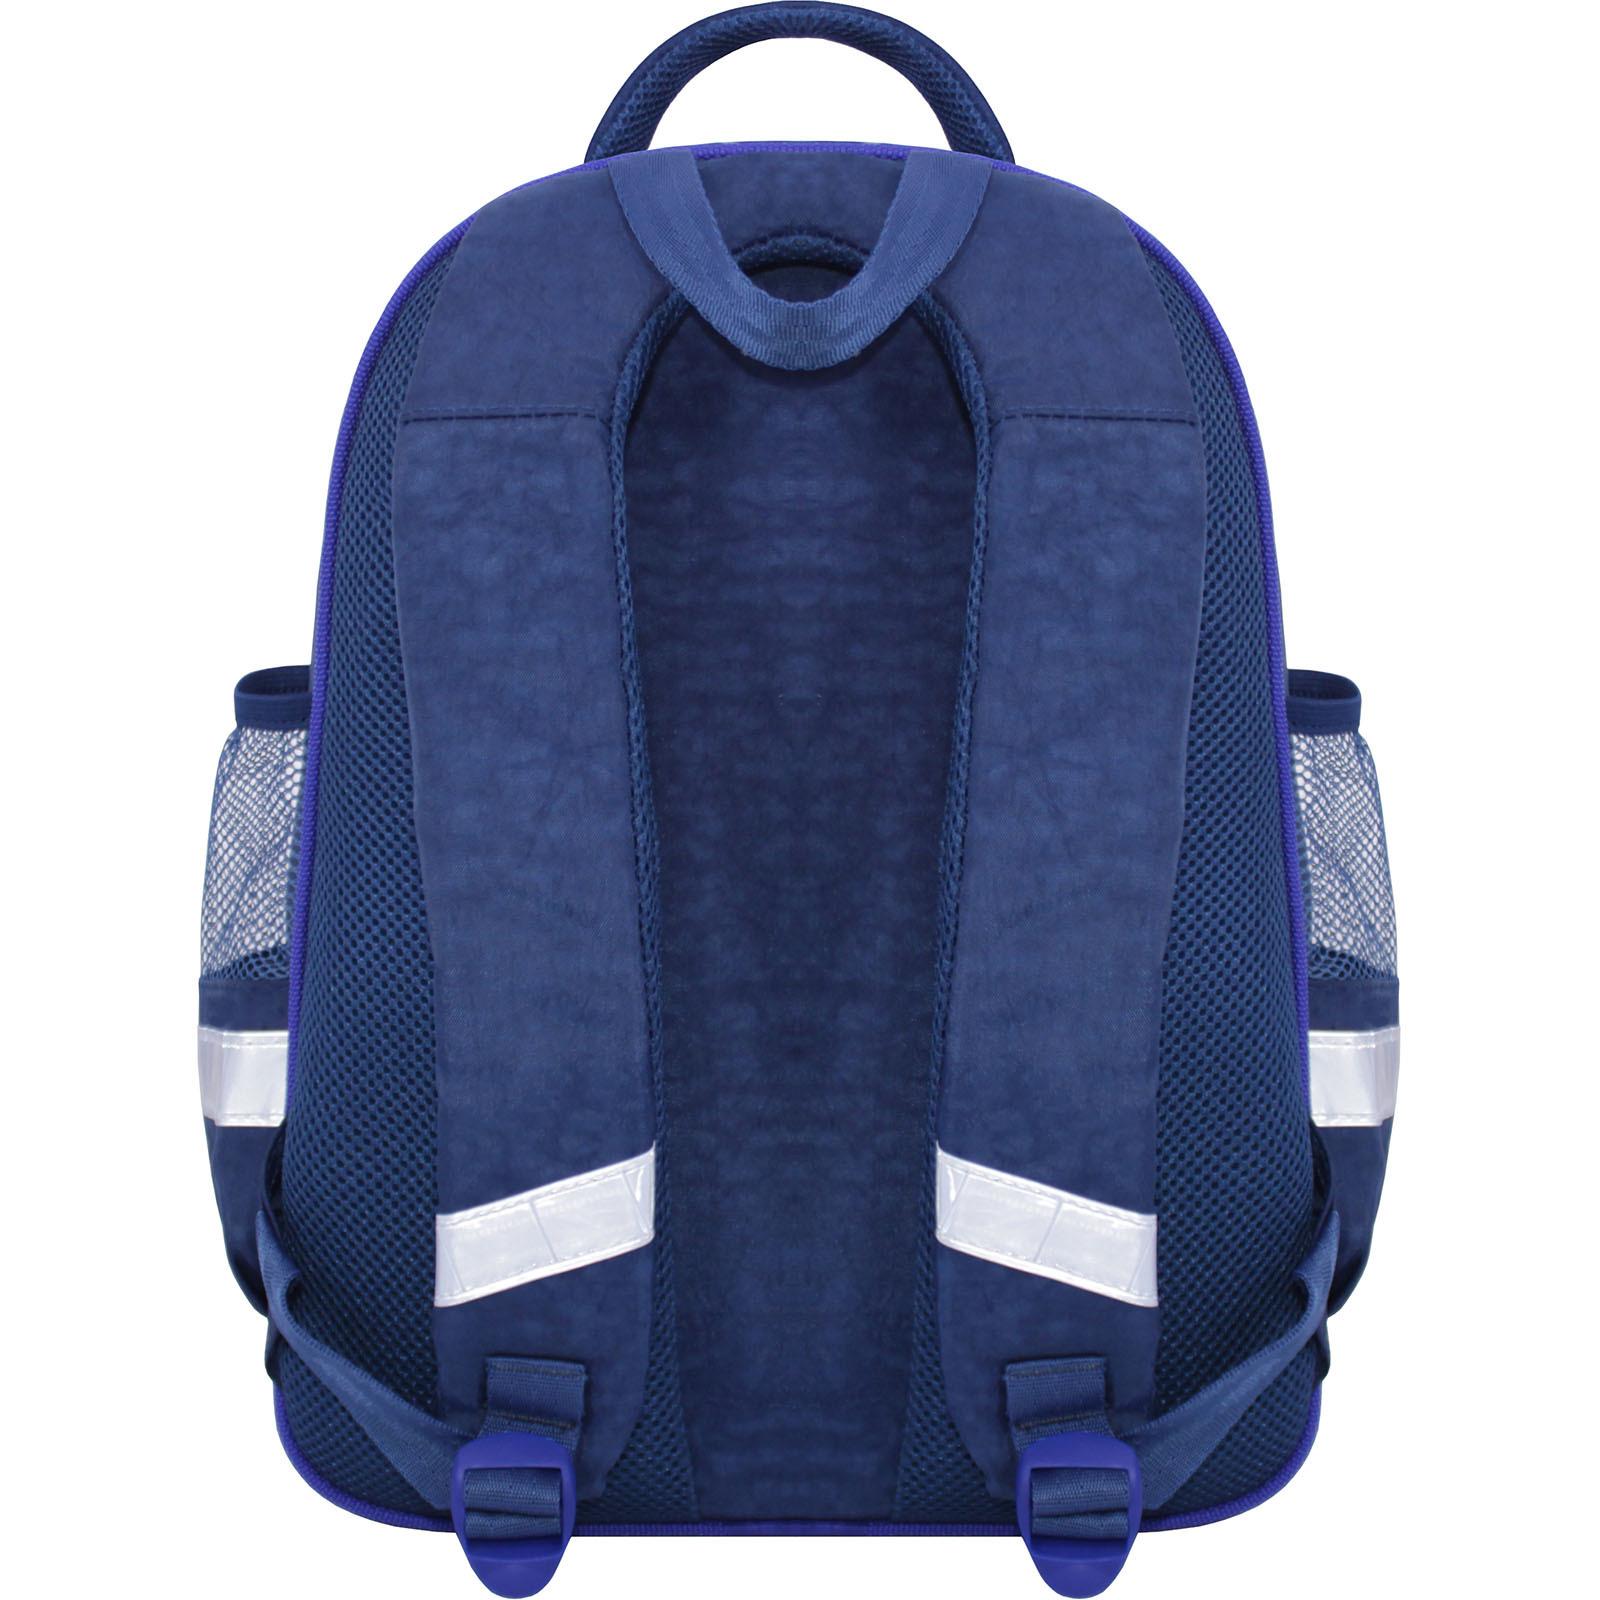 Рюкзак школьный Bagland Mouse 225 синий 614 (0051370) фото 3